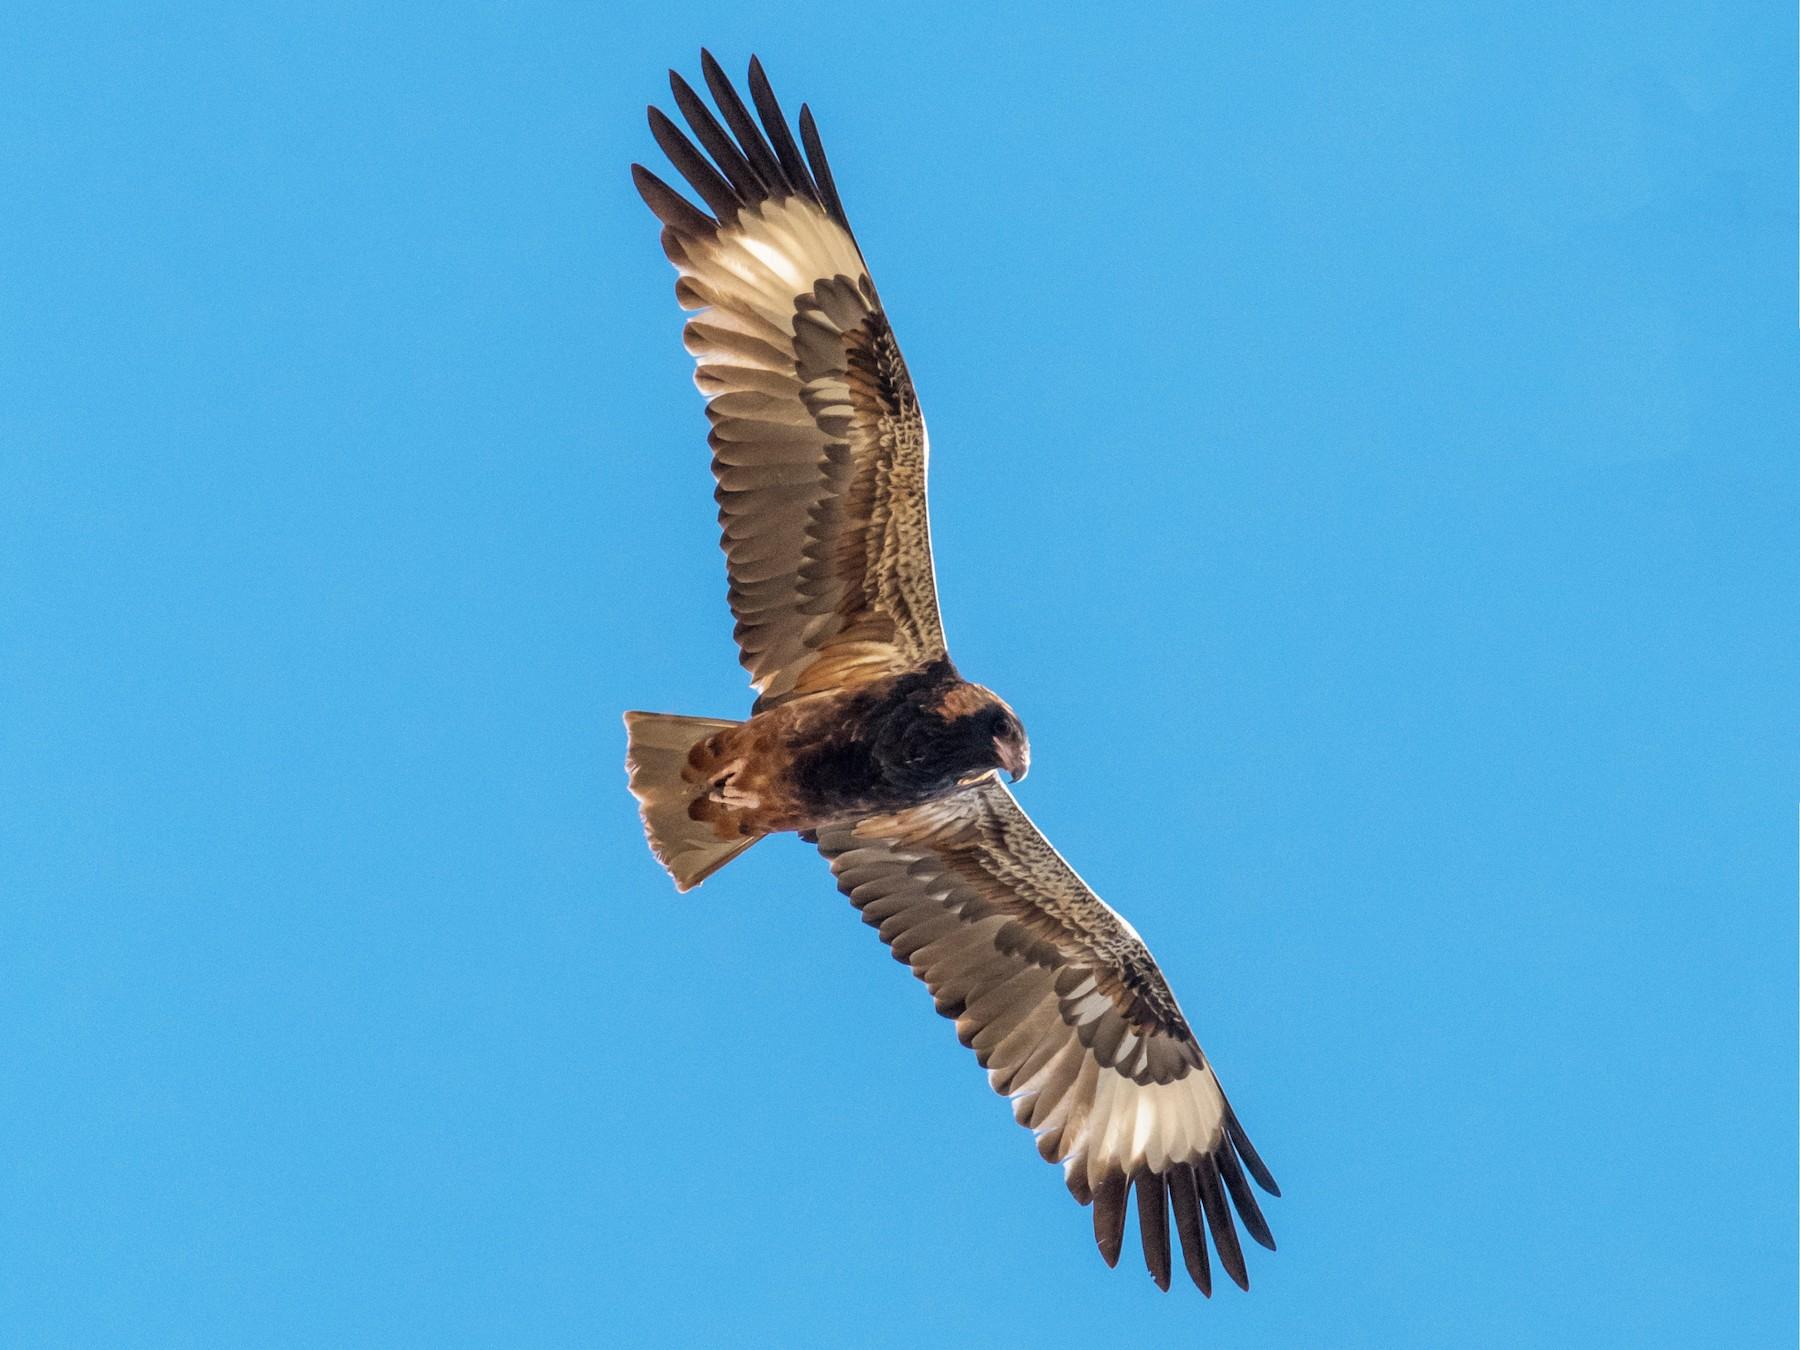 Black-breasted Kite - Raphaël Nussbaumer